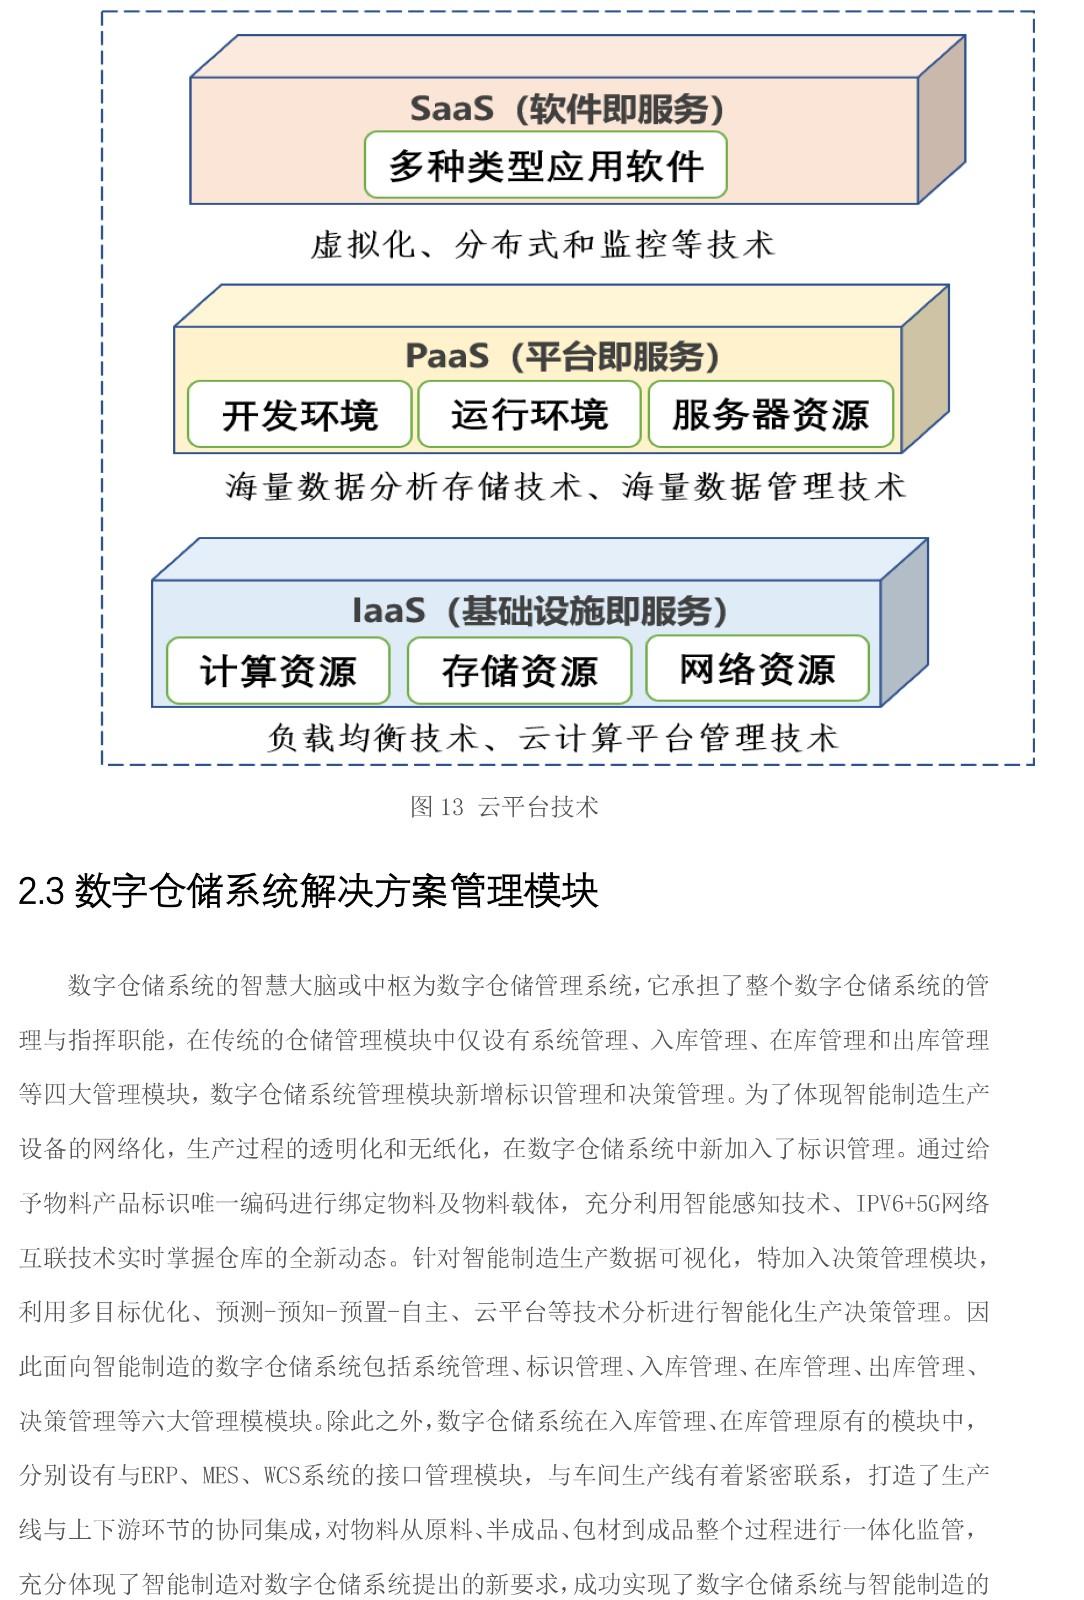 面向智能制造的数字仓储系统解决方案-白皮书V2-11 拷贝.jpg